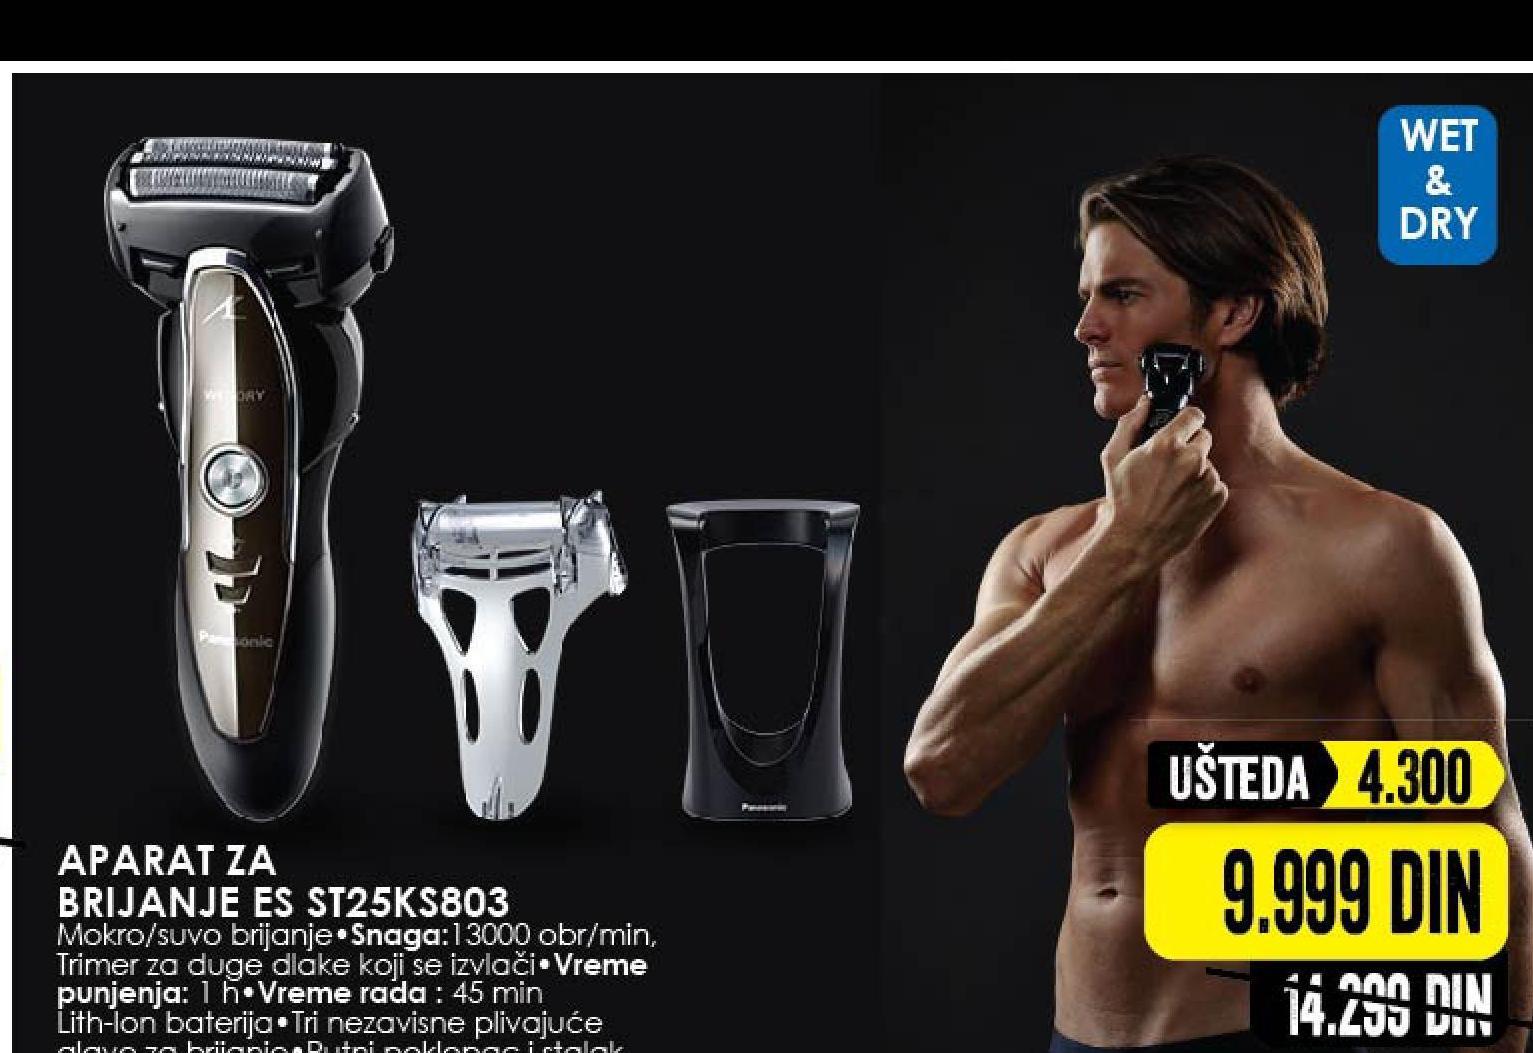 Aparat za brijanje ES ST25KS803